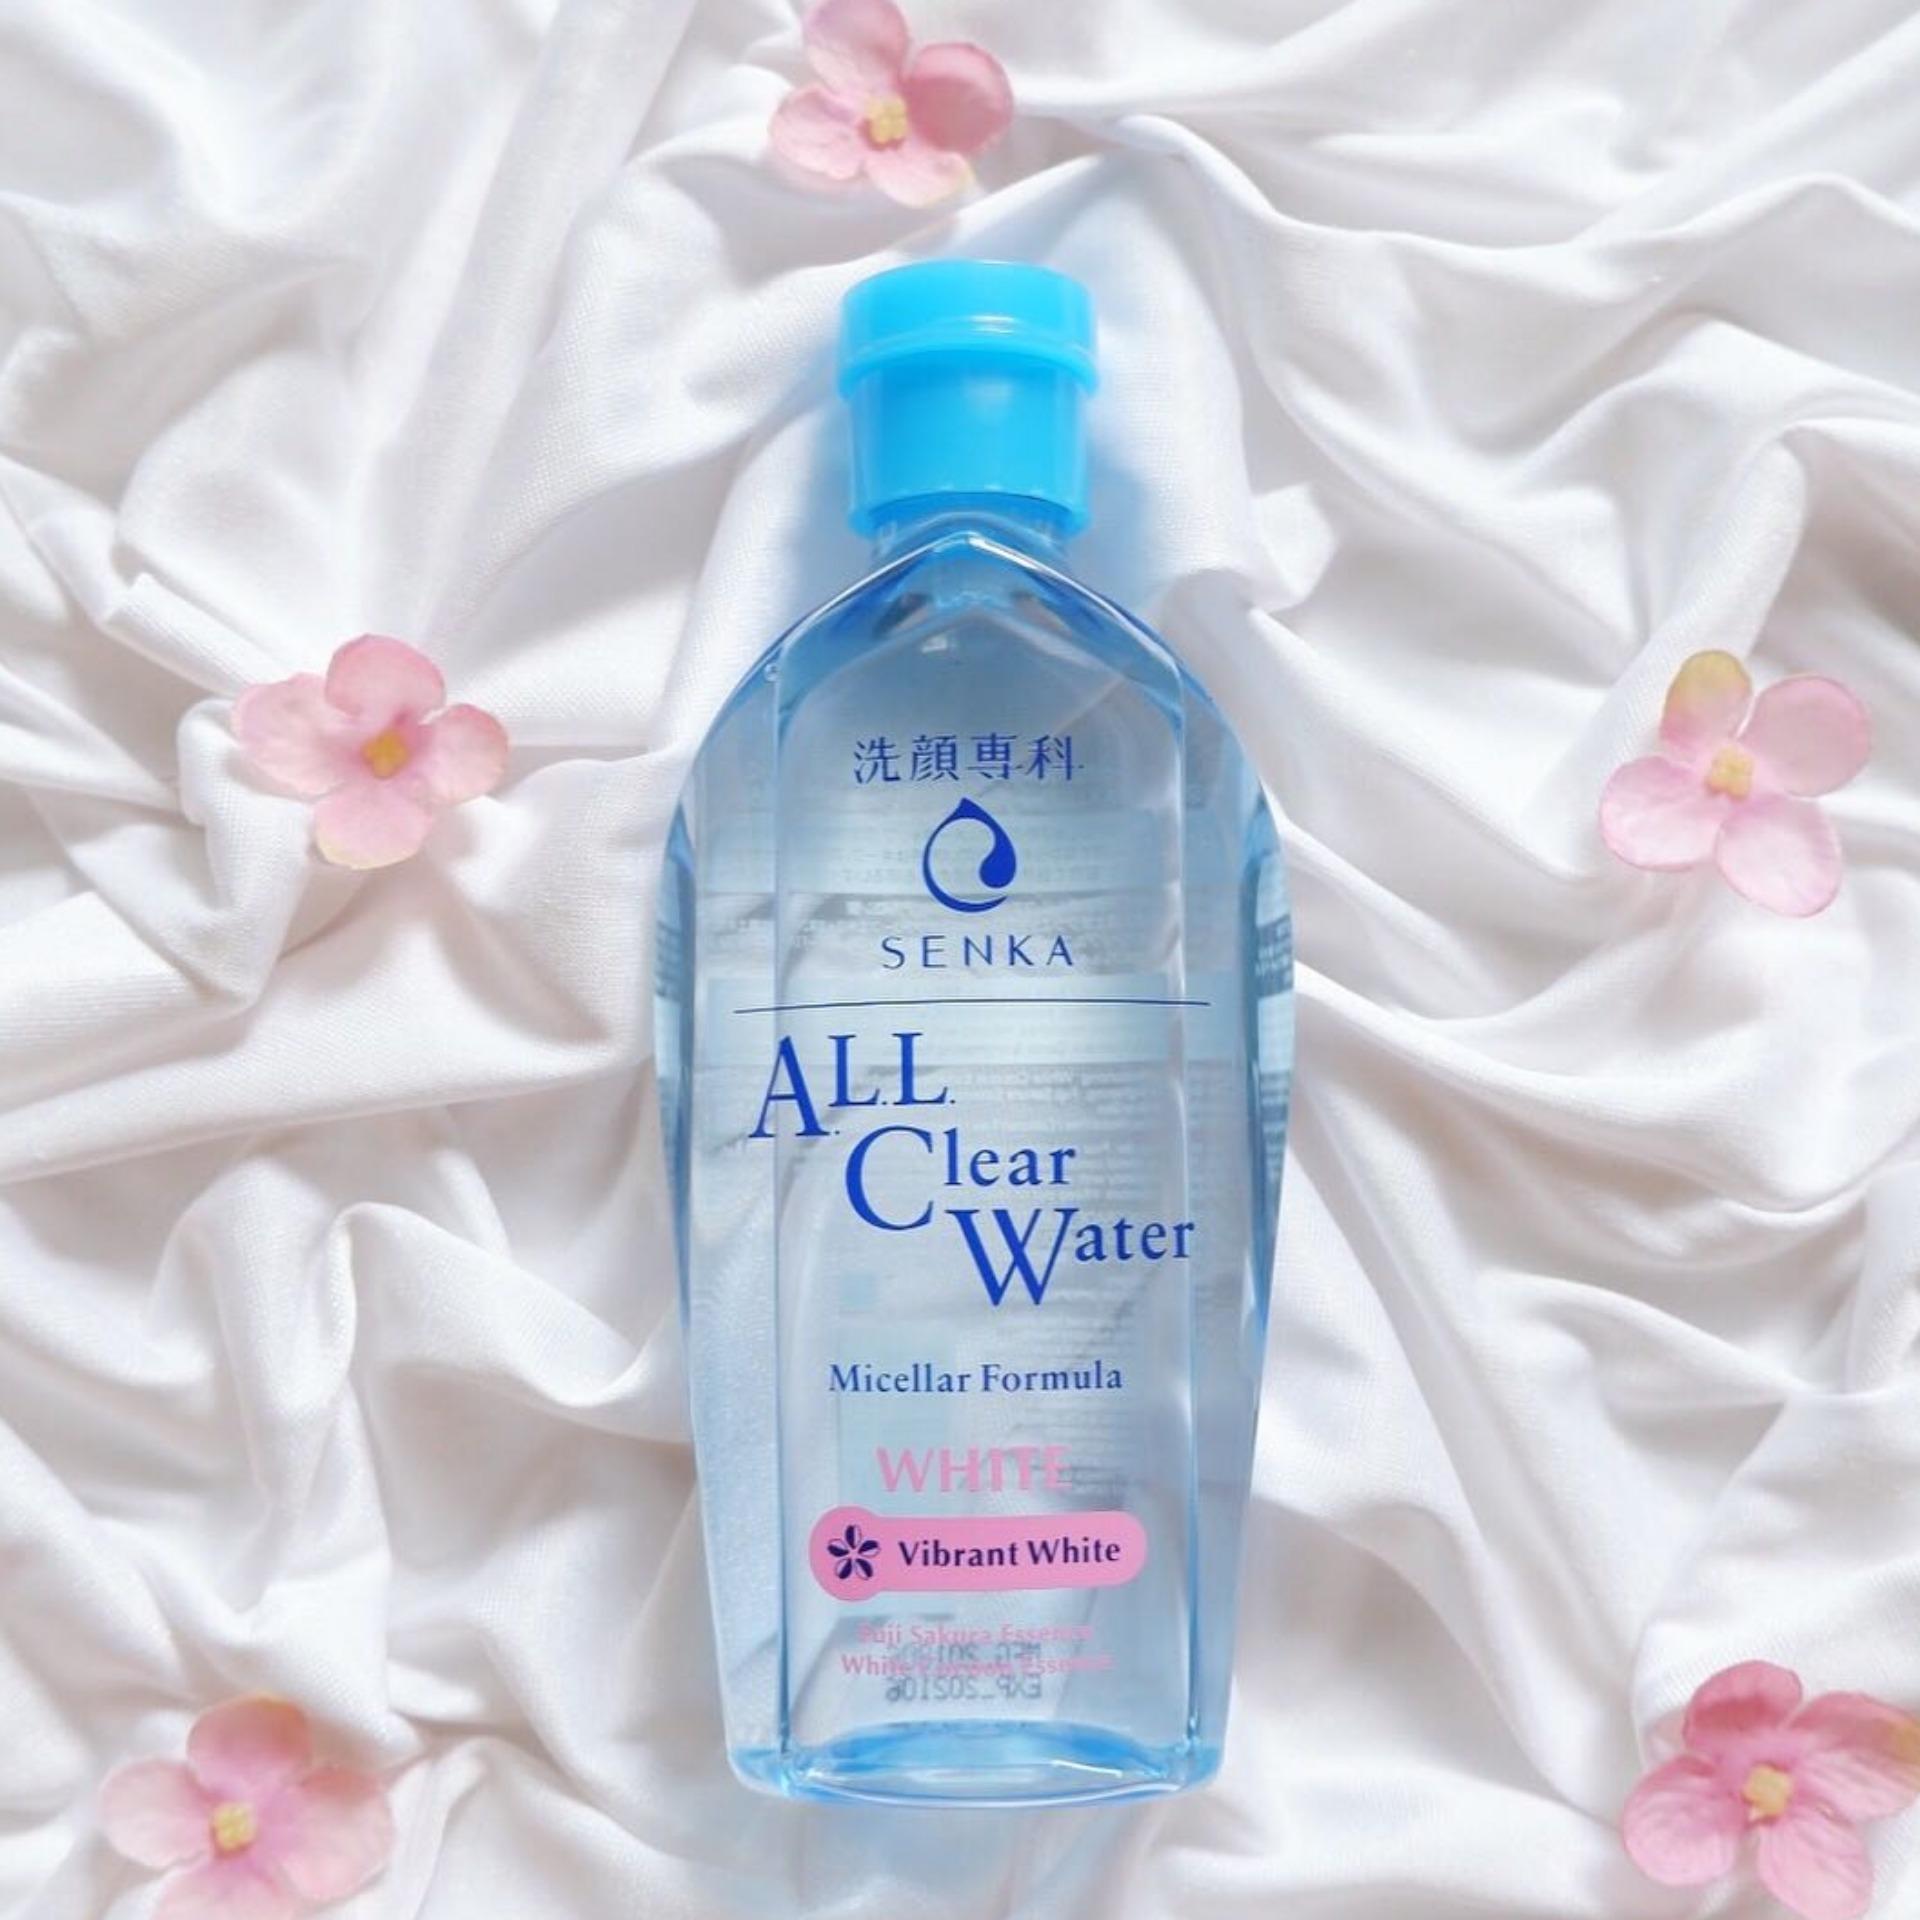 SENKA, Nước Tẩy Trang Senka Micellar Dưỡng Trắng All Clear Water ...